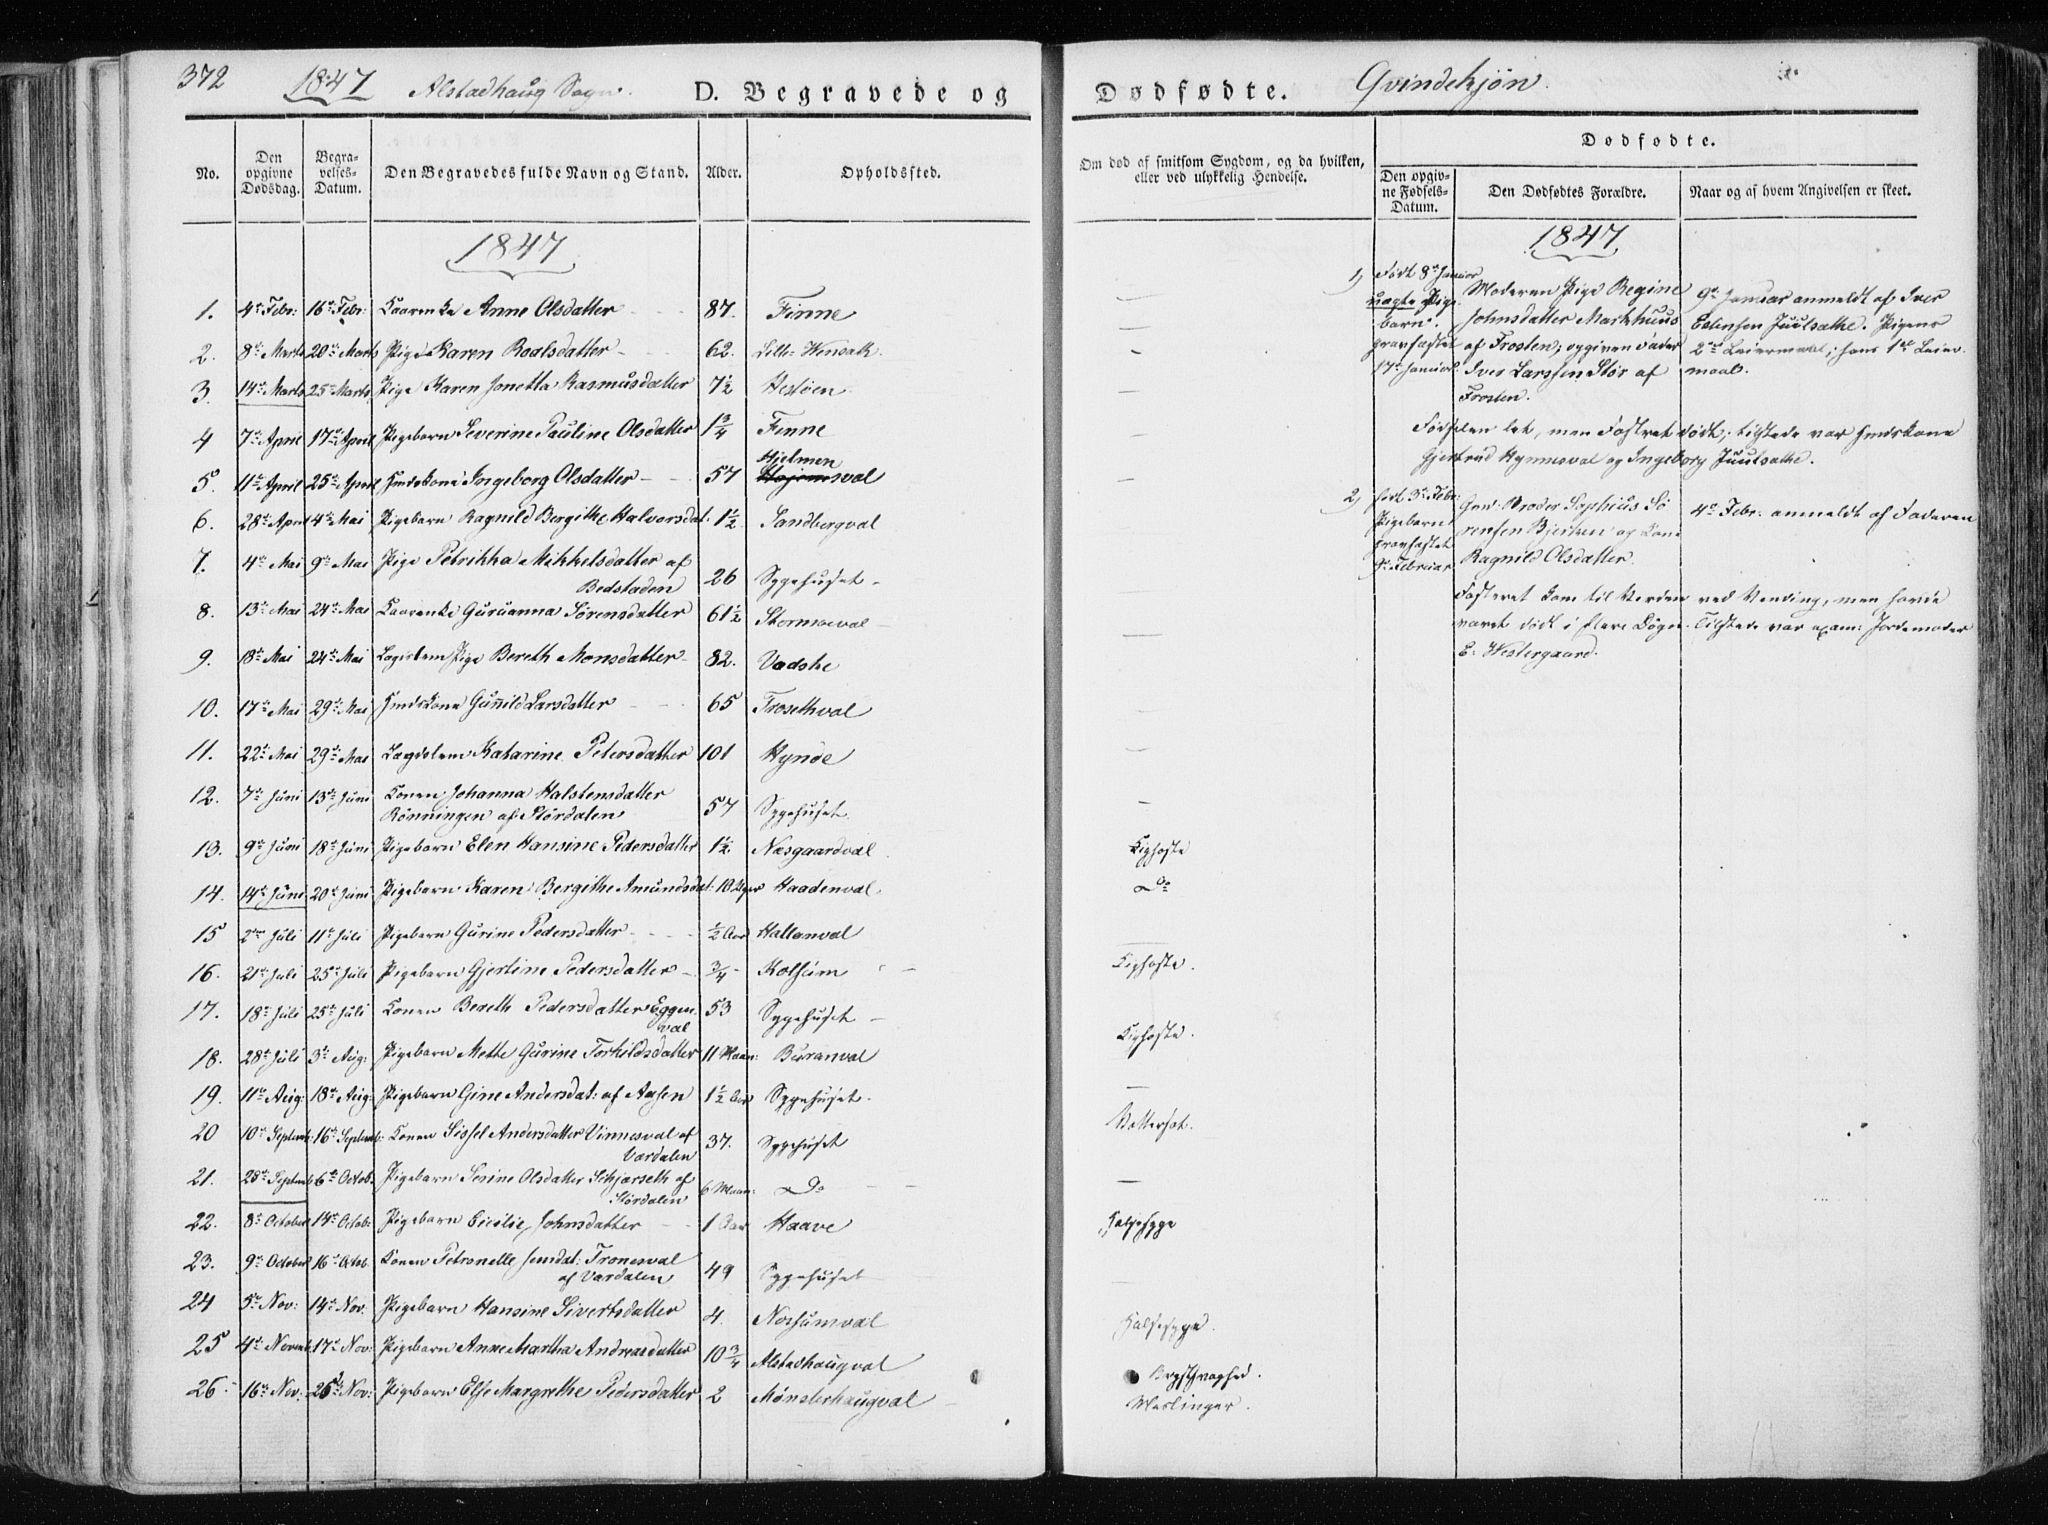 SAT, Ministerialprotokoller, klokkerbøker og fødselsregistre - Nord-Trøndelag, 717/L0154: Ministerialbok nr. 717A06 /1, 1836-1849, s. 372